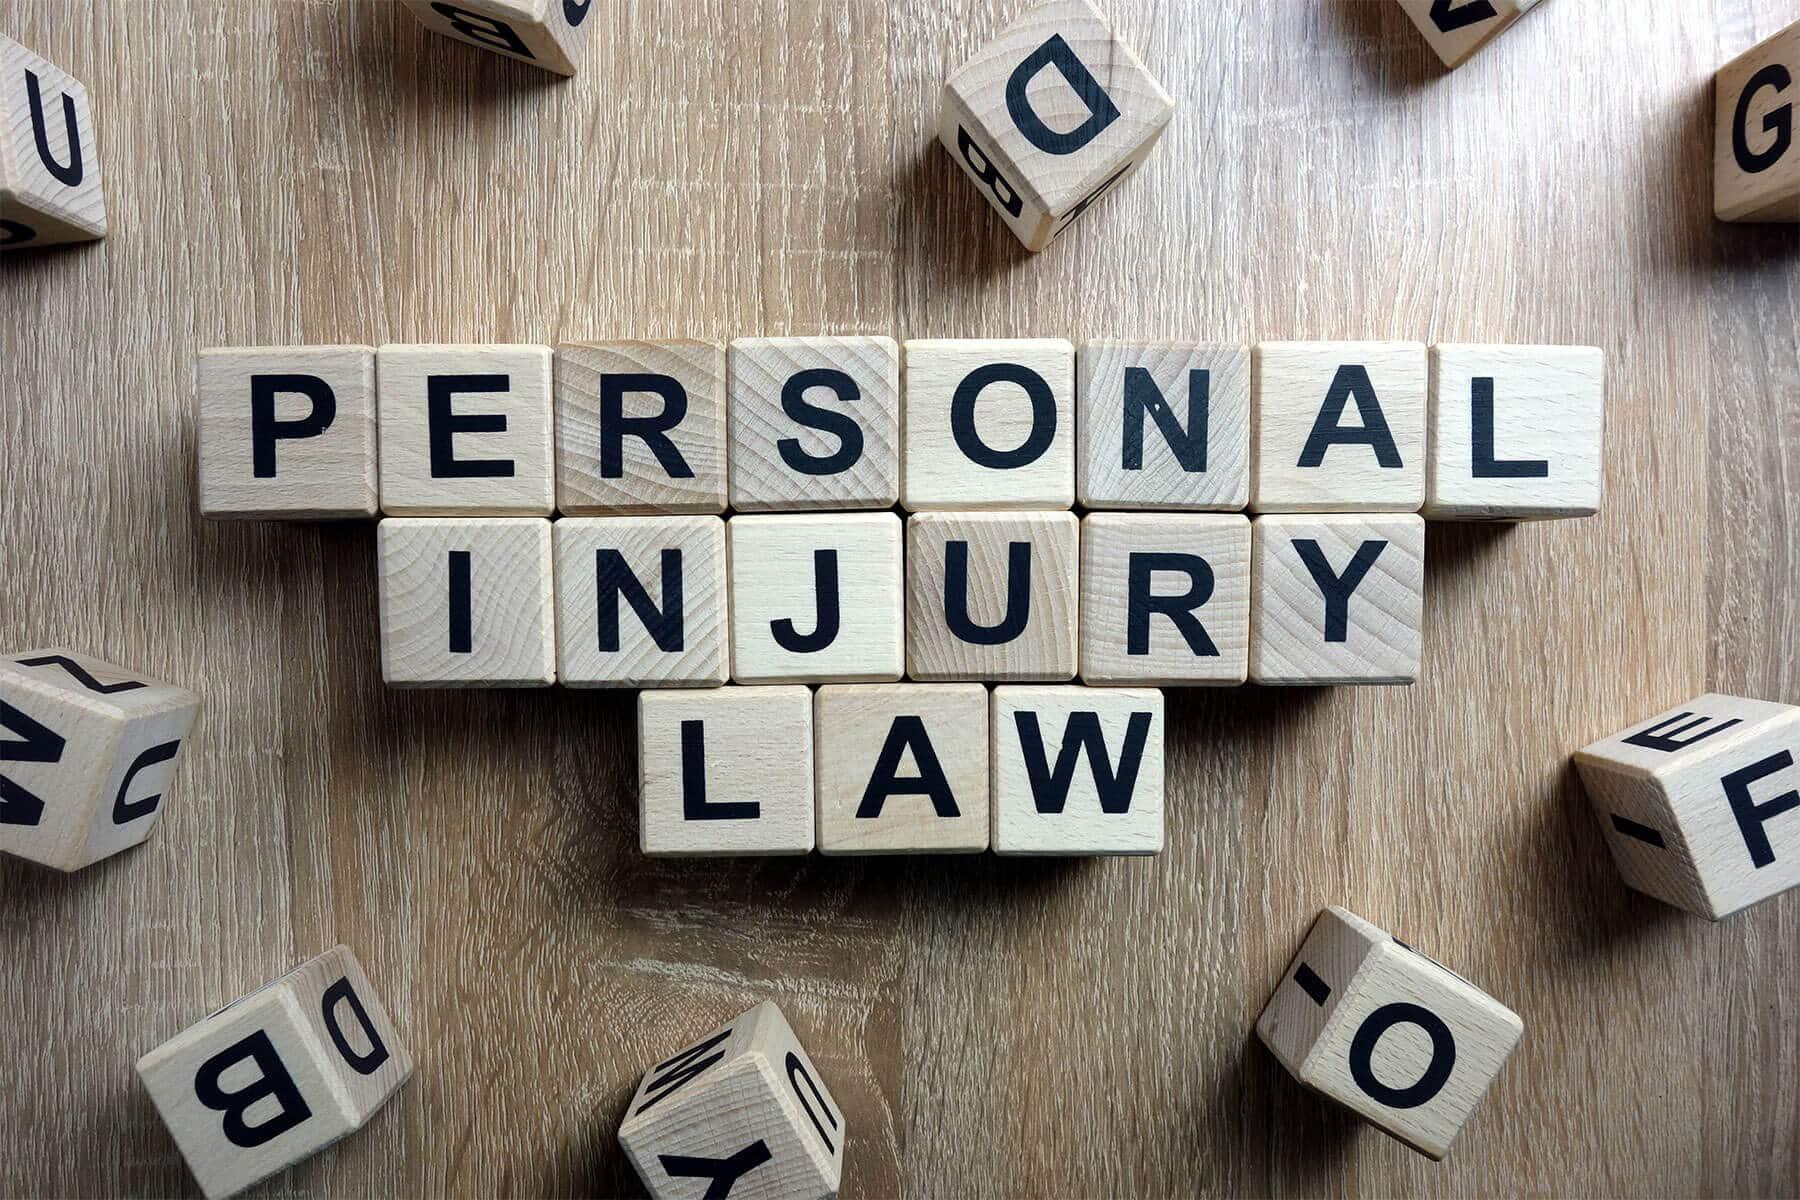 Abogado de lesiones personales para accidentes automovilísticos